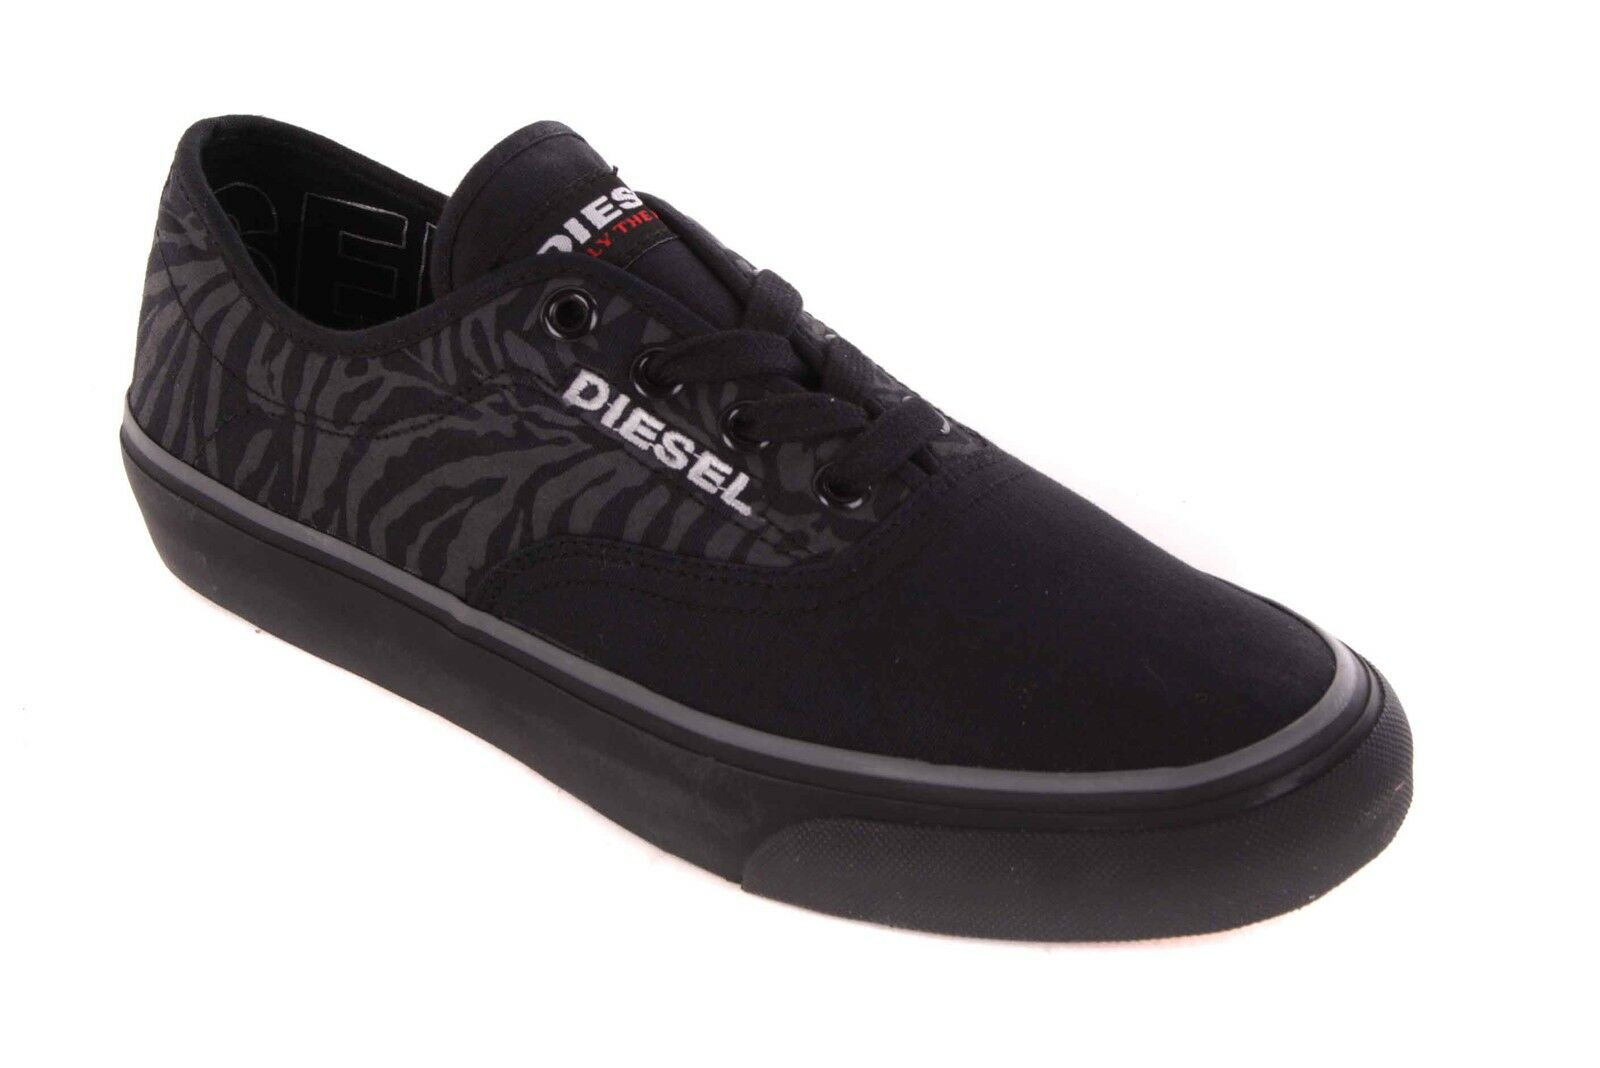 DIESEL scarpe da ginnastica Donna Scarpe normalissime Nero | Elevata Sicurezza  | Uomo/Donne Scarpa